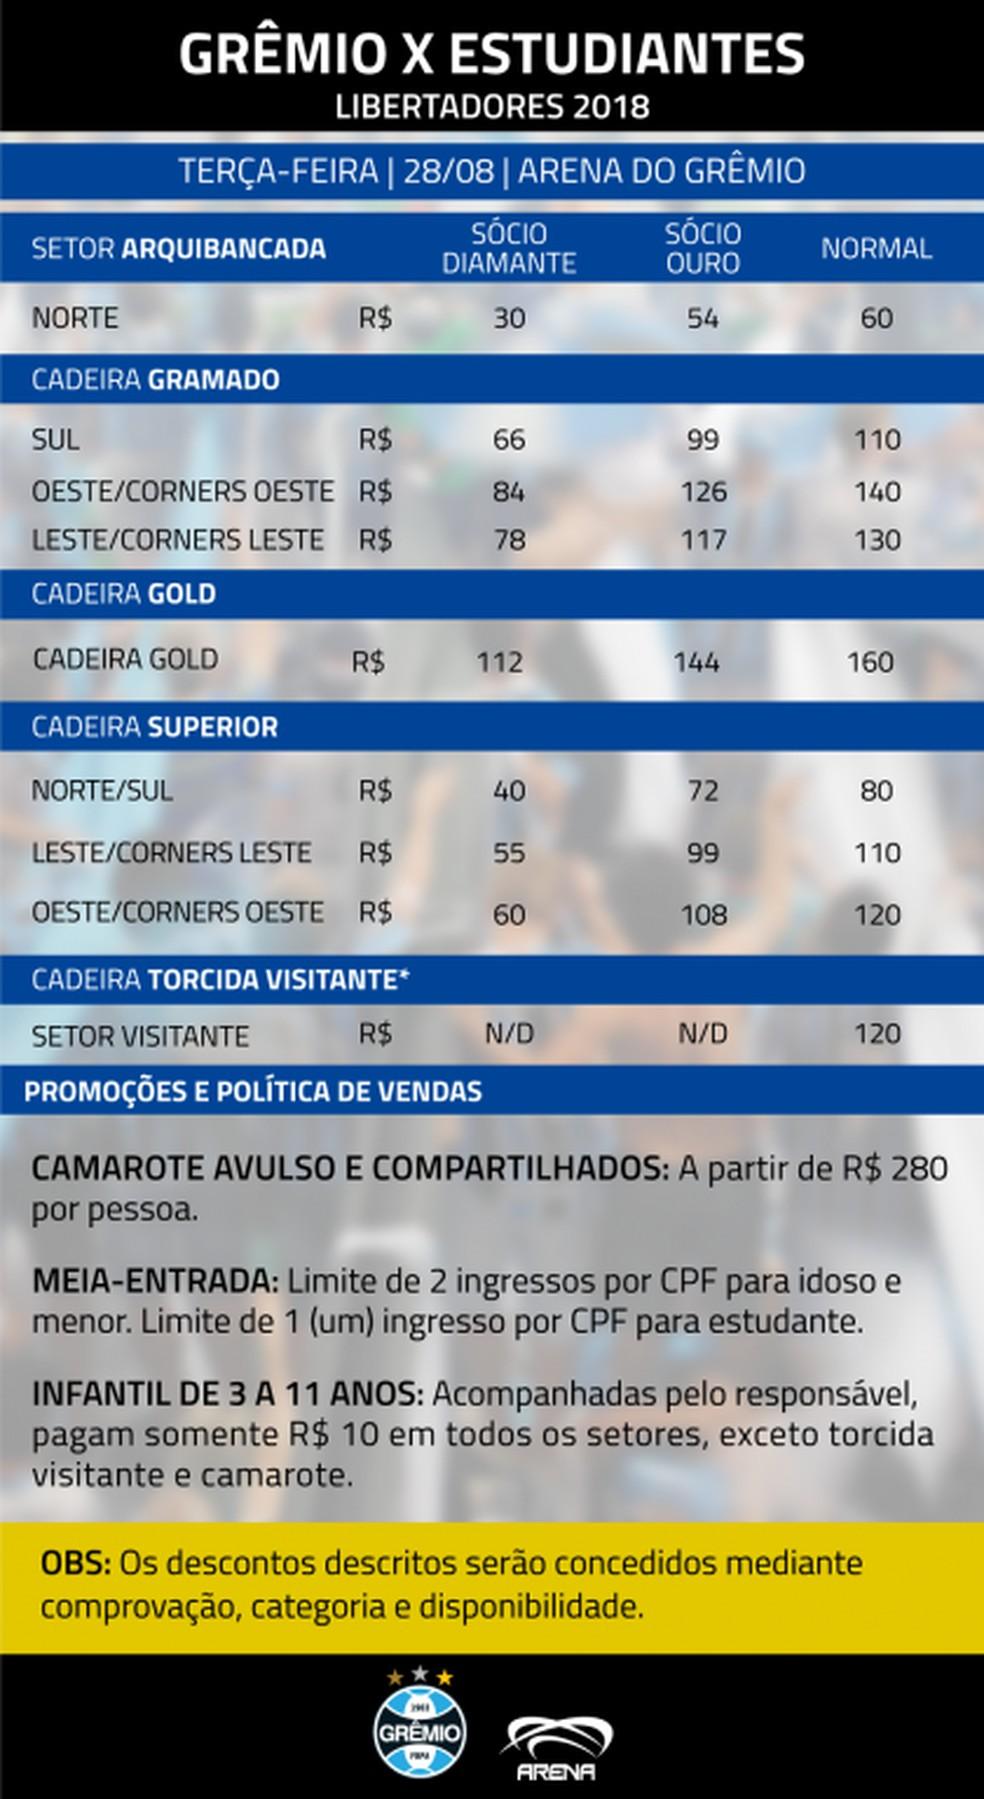 Tabela de preços dos ingressos para Grêmio e Estudiantes (Foto: Grêmio/DVG)